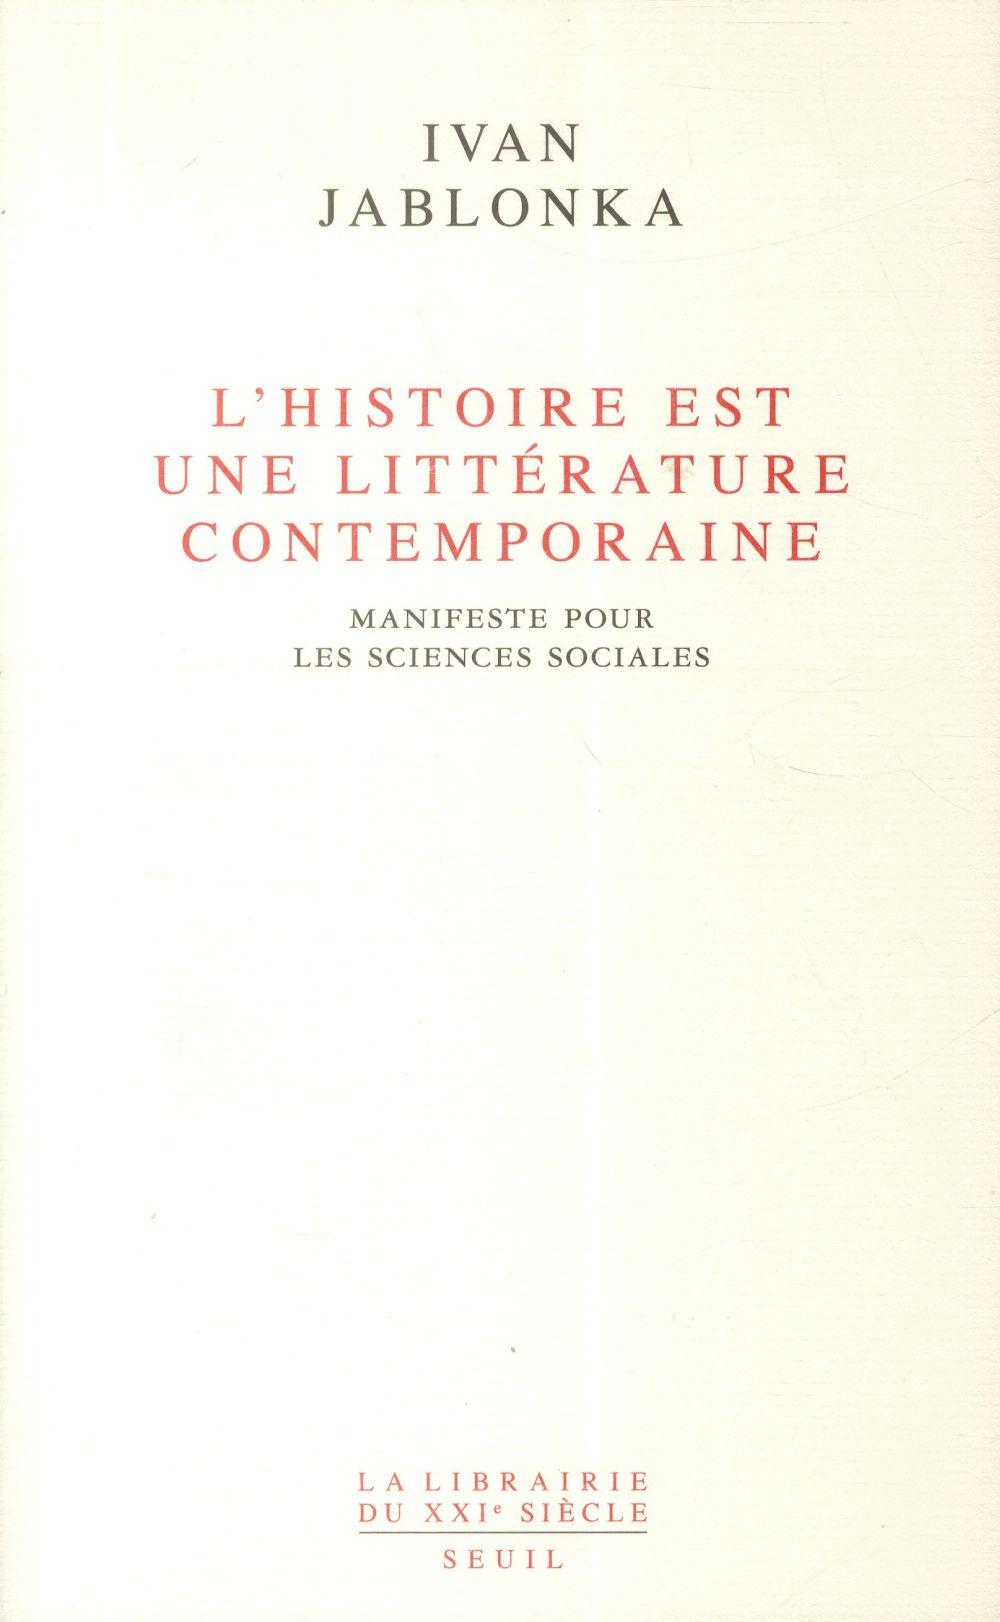 L'histoire est une littérature contemporaine ; manifeste pour les sciences sociales